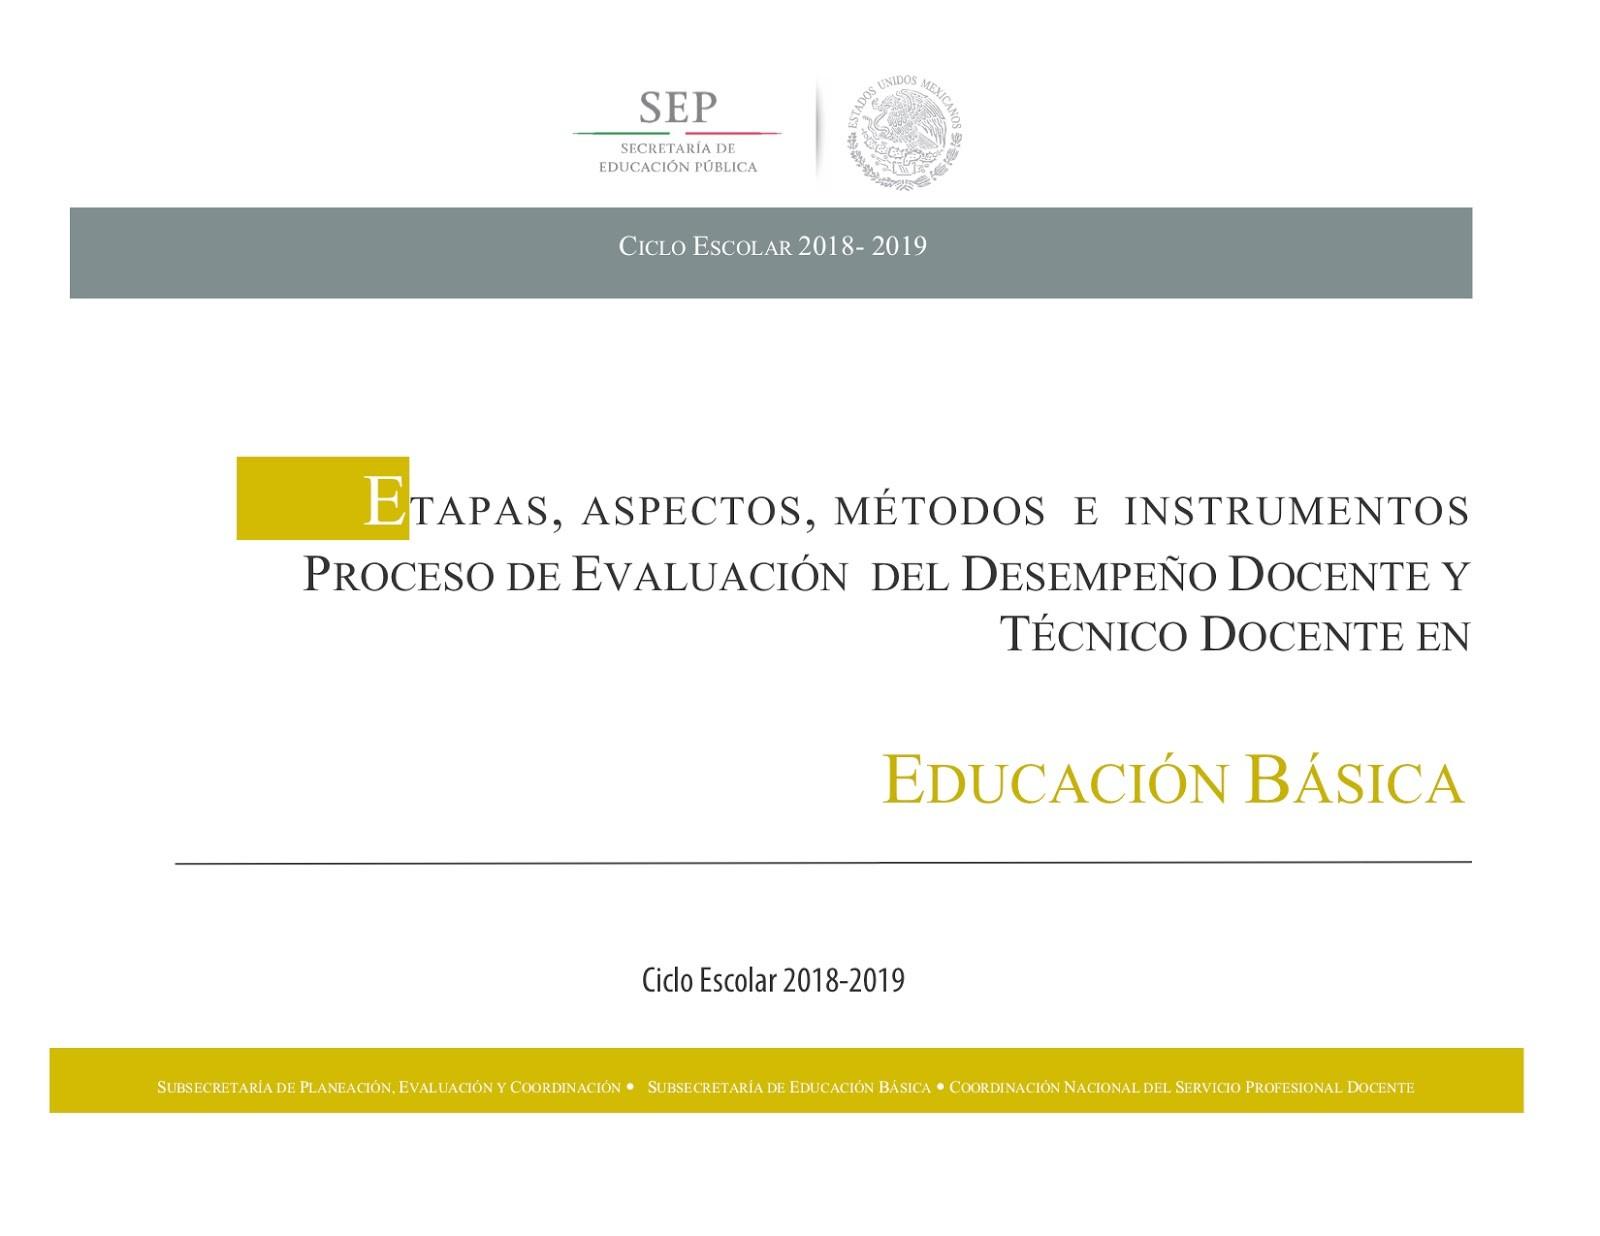 Etapas Aspectos Métodos e Instrumentos Proceso de Evaluaci³n del Desempe±o Docente y Técnico Docente en Educaci³n Básica Ciclo Escolar 2018 2019